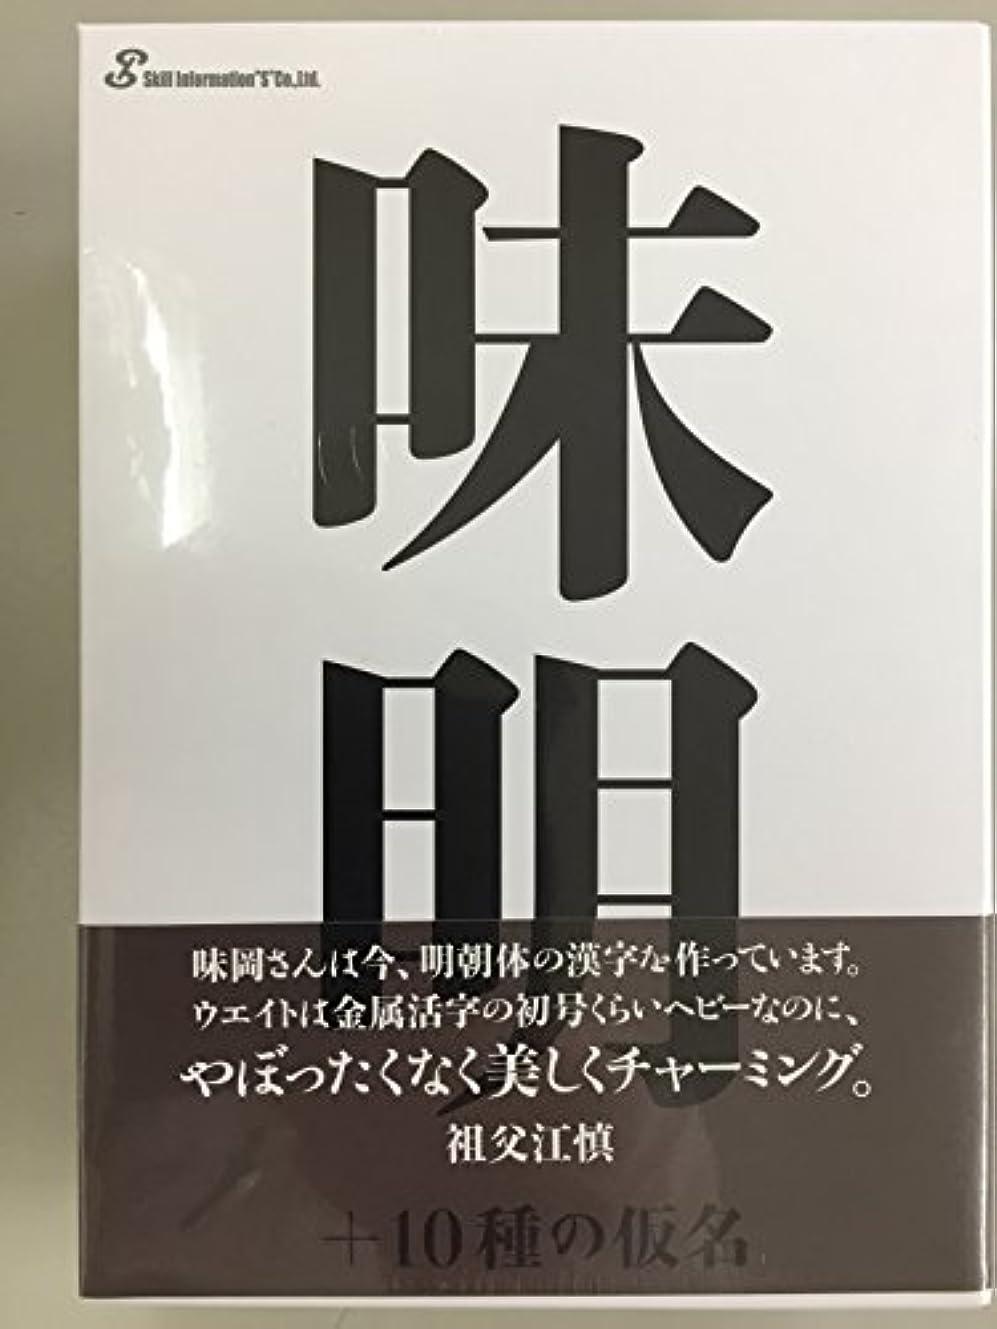 蓄積する常識受け入れた味明 味岡伸太郎の見出し明朝体フォント